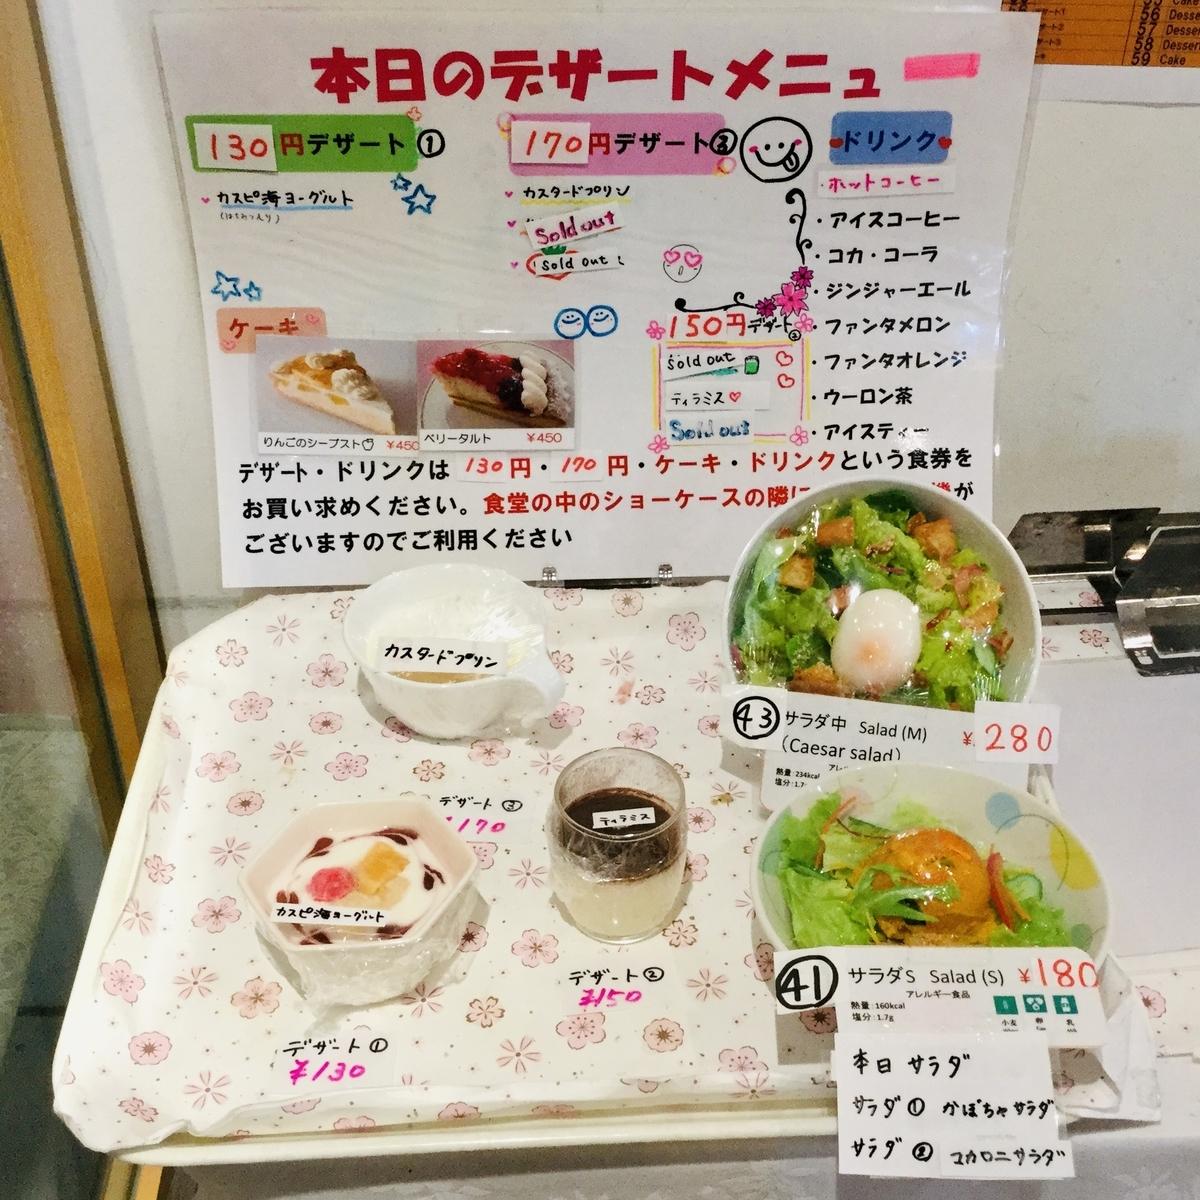 f:id:yumeusagiyukiusagi:20200118001455j:plain